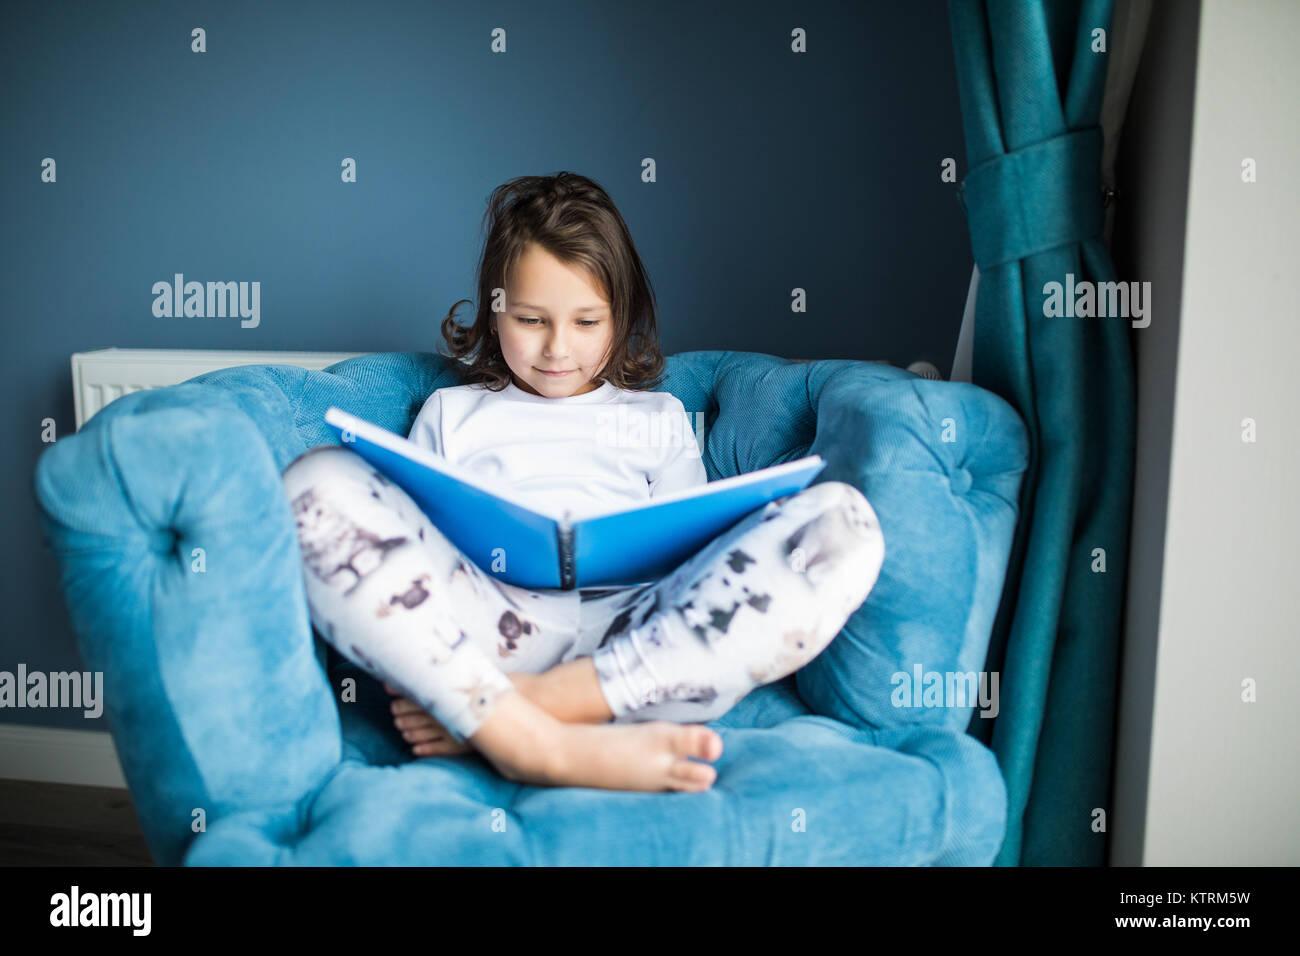 Lustige glücklich Kleinkind Mädchen ein Buch lesen und spielen im Bett. Kinder spielen zu Hause. Weiße Stockbild